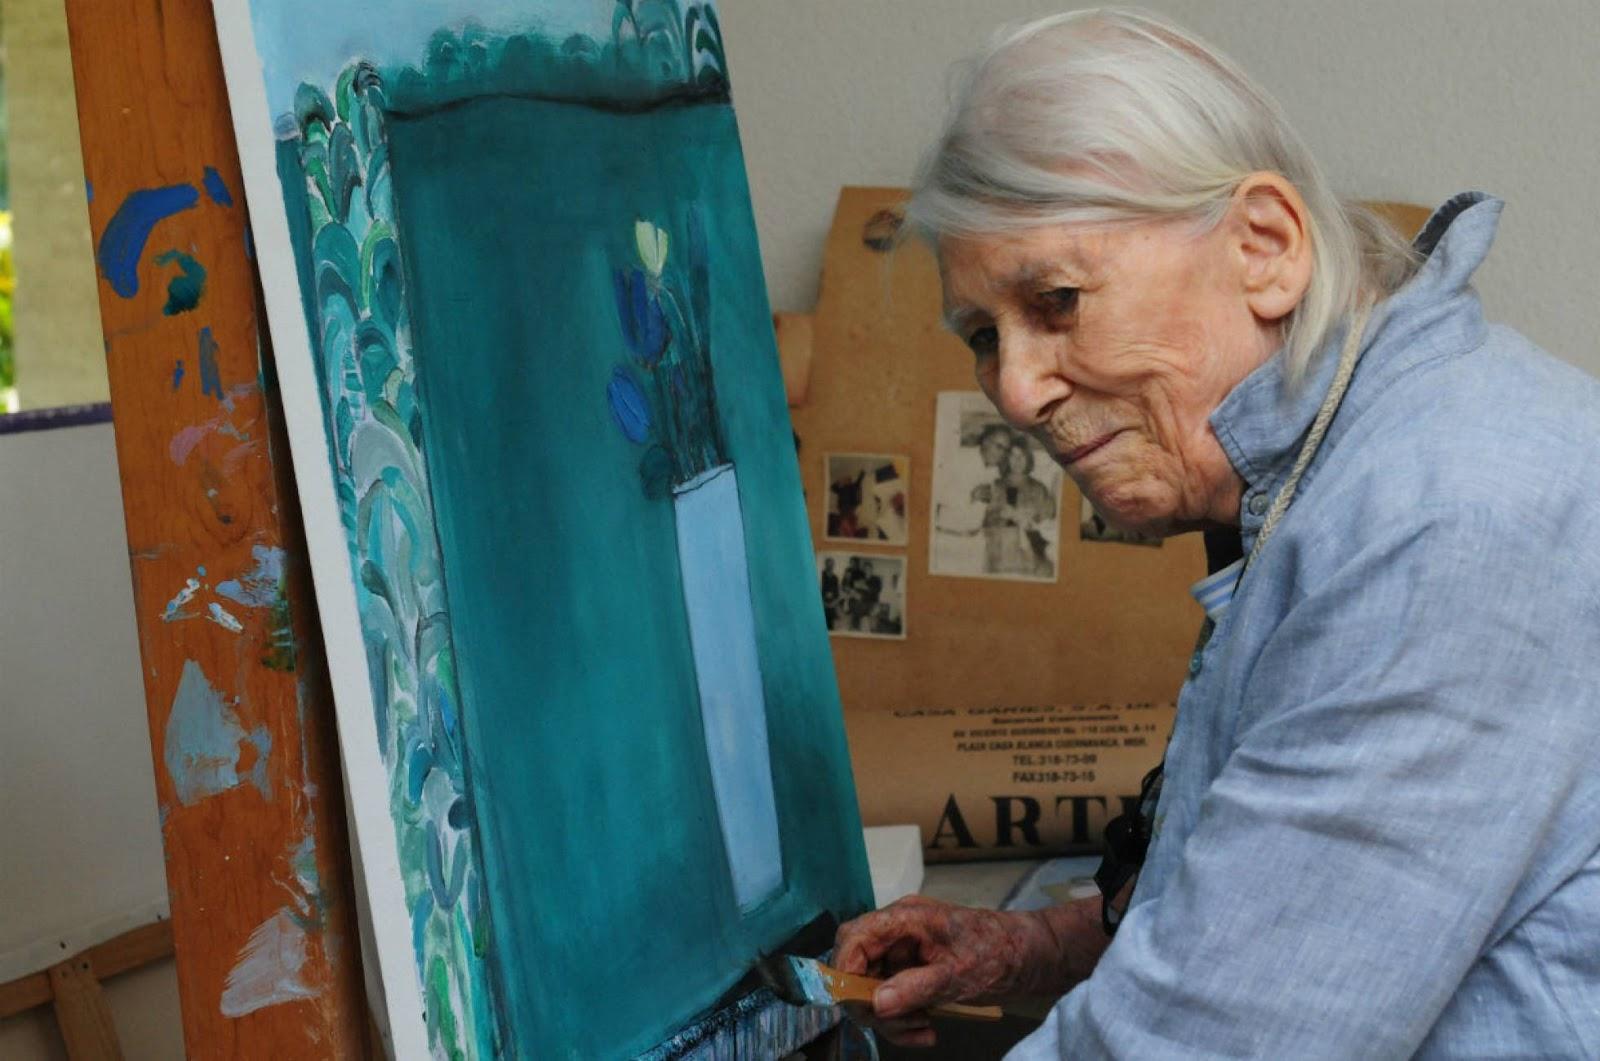 De otros mundos: Muere la pintora Joy Laville a los 94 años